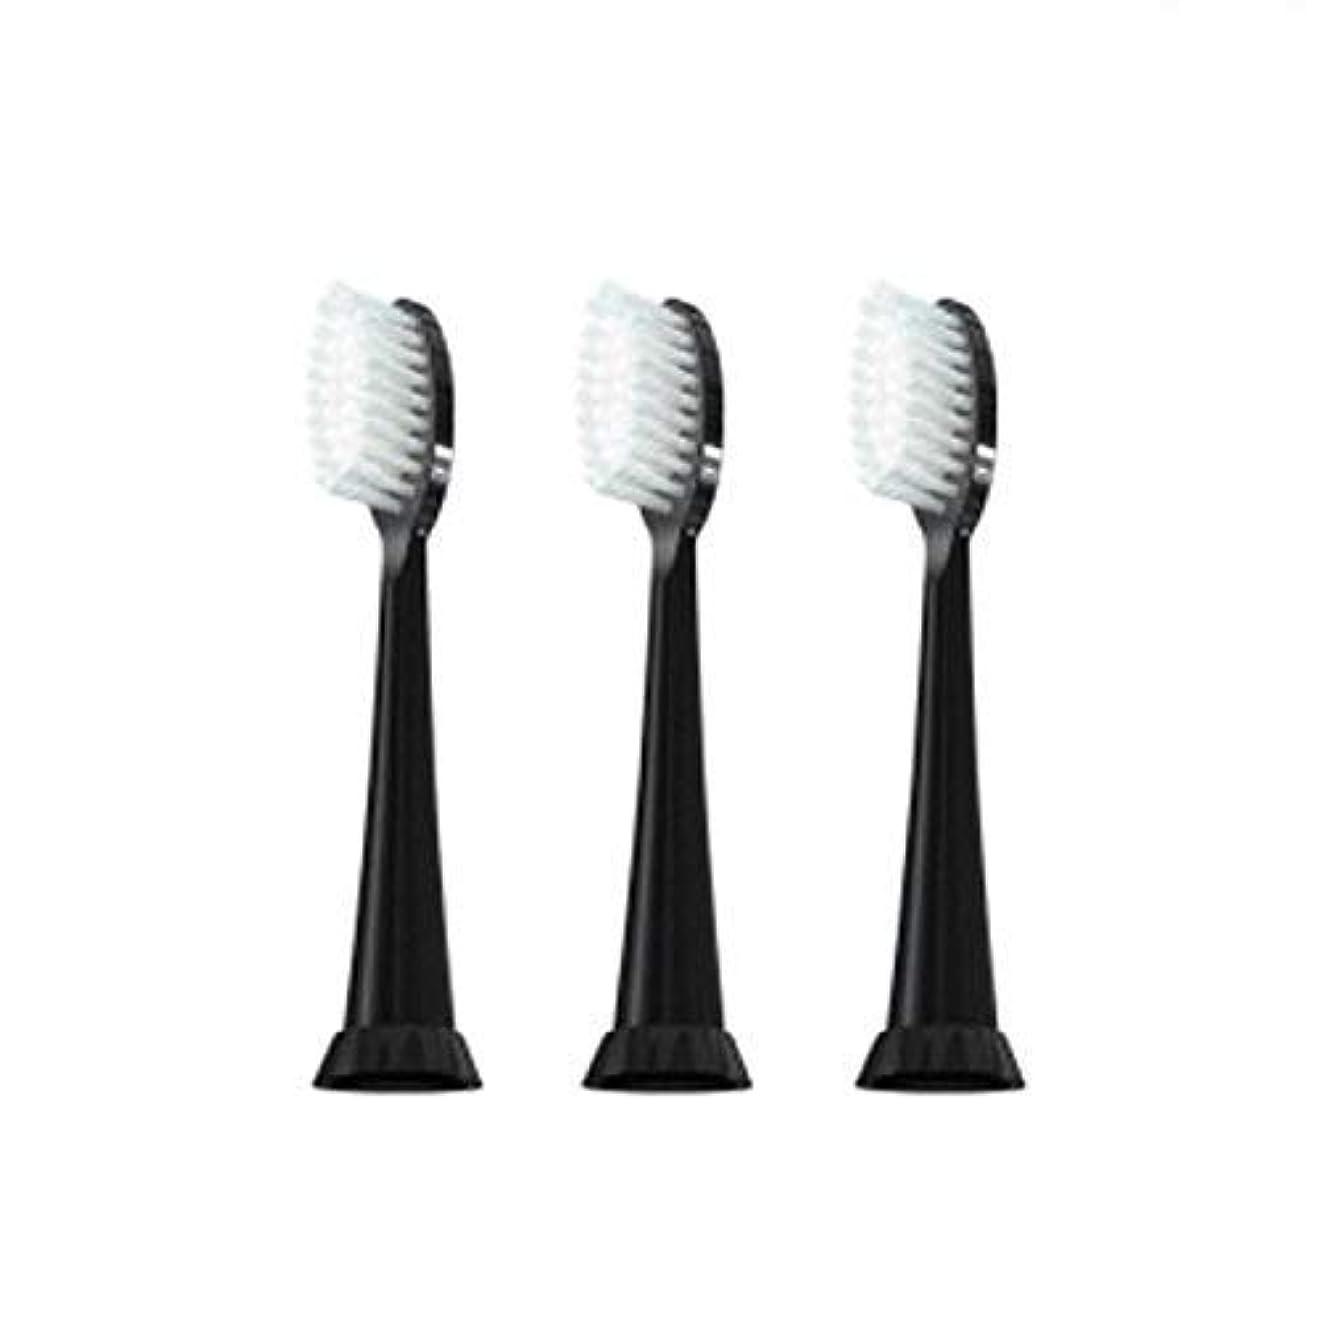 余計な震える奇跡的なTAO Clean 電動歯ブラシ用【替えブラシ 3本セット】(ブラック)通常はメール便にて発送します。